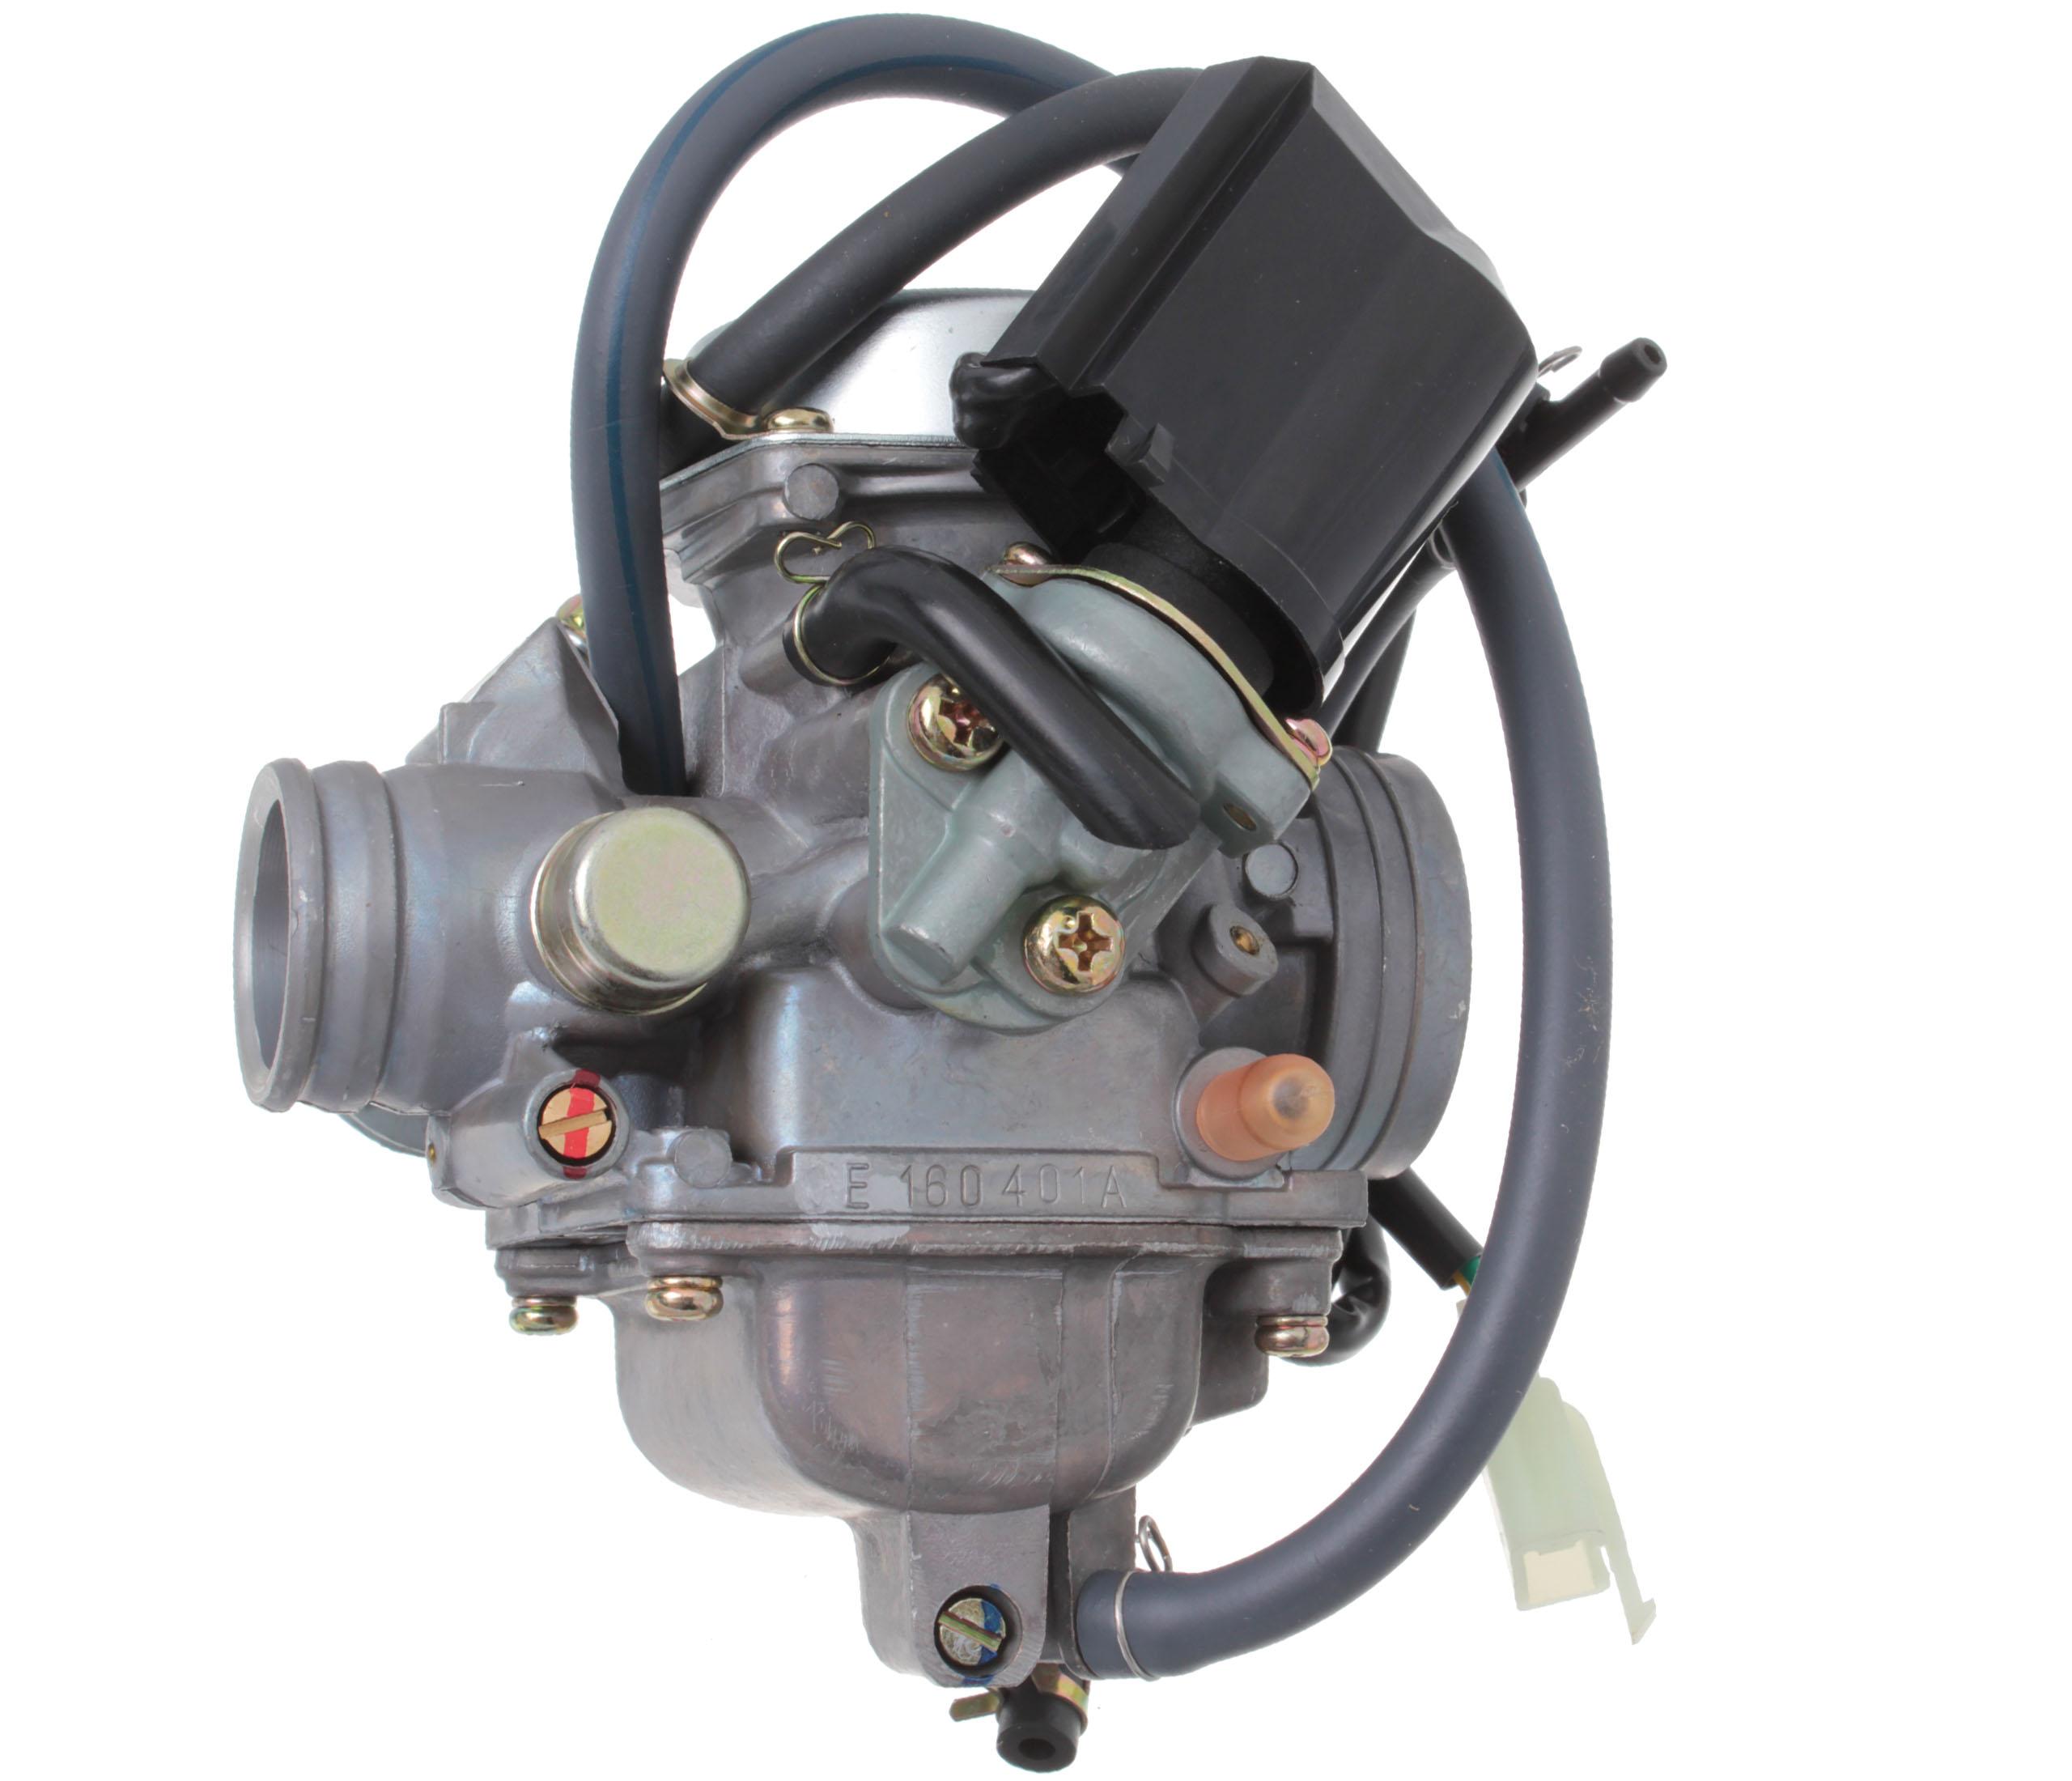 фото топливной системы скутера